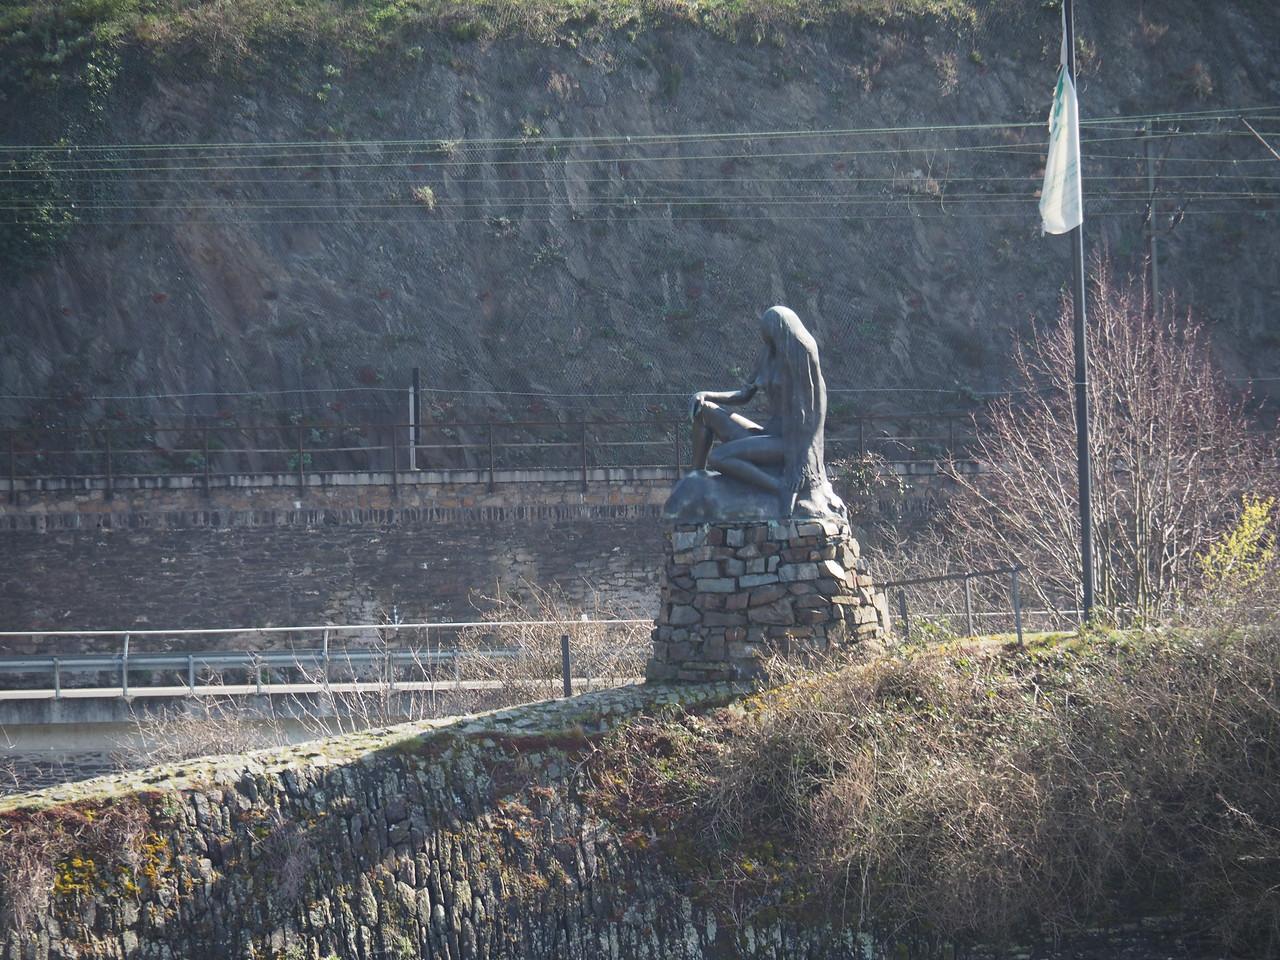 Lorelei Rock, Rhine River, Germany